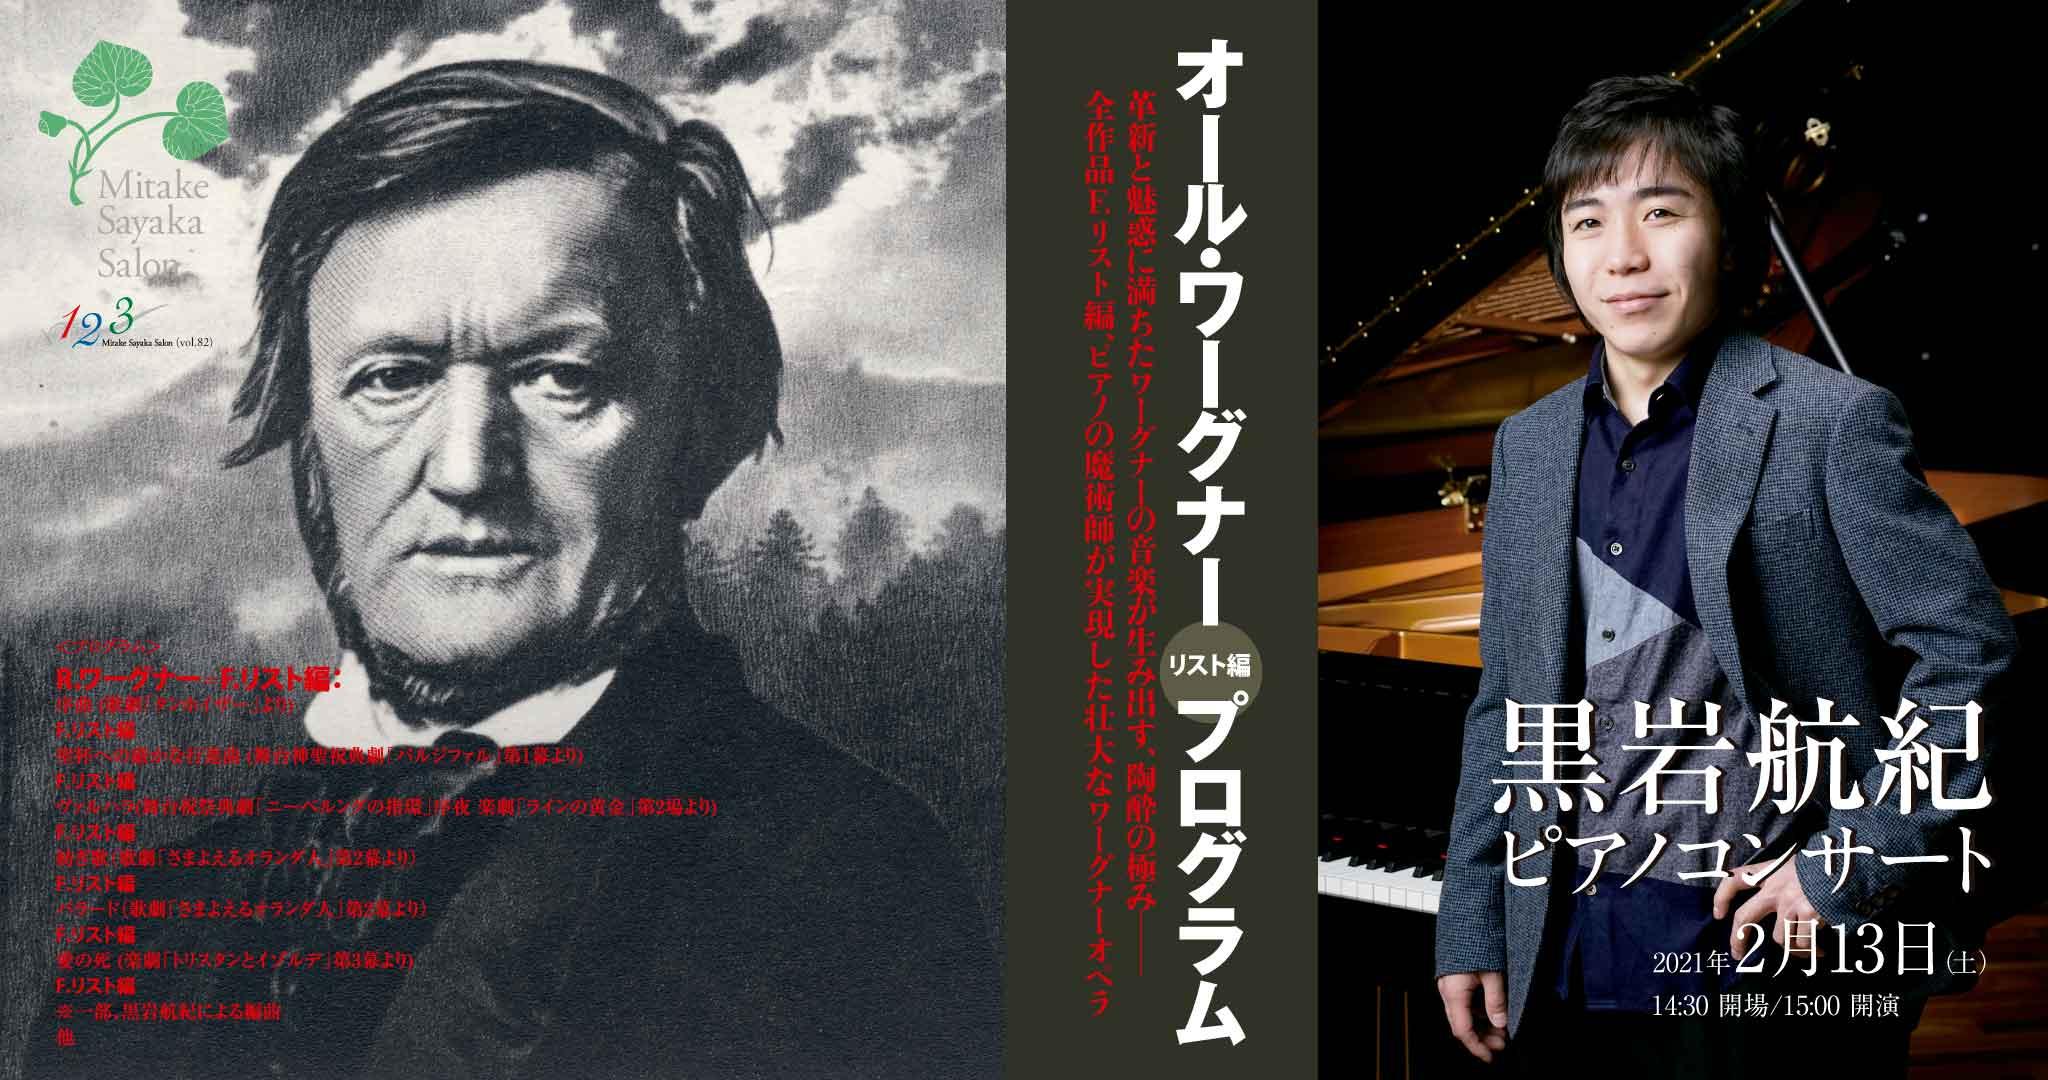 黒岩航紀ピアノコンサート〈オール・ワーグナー(リスト編)・プログラム〉